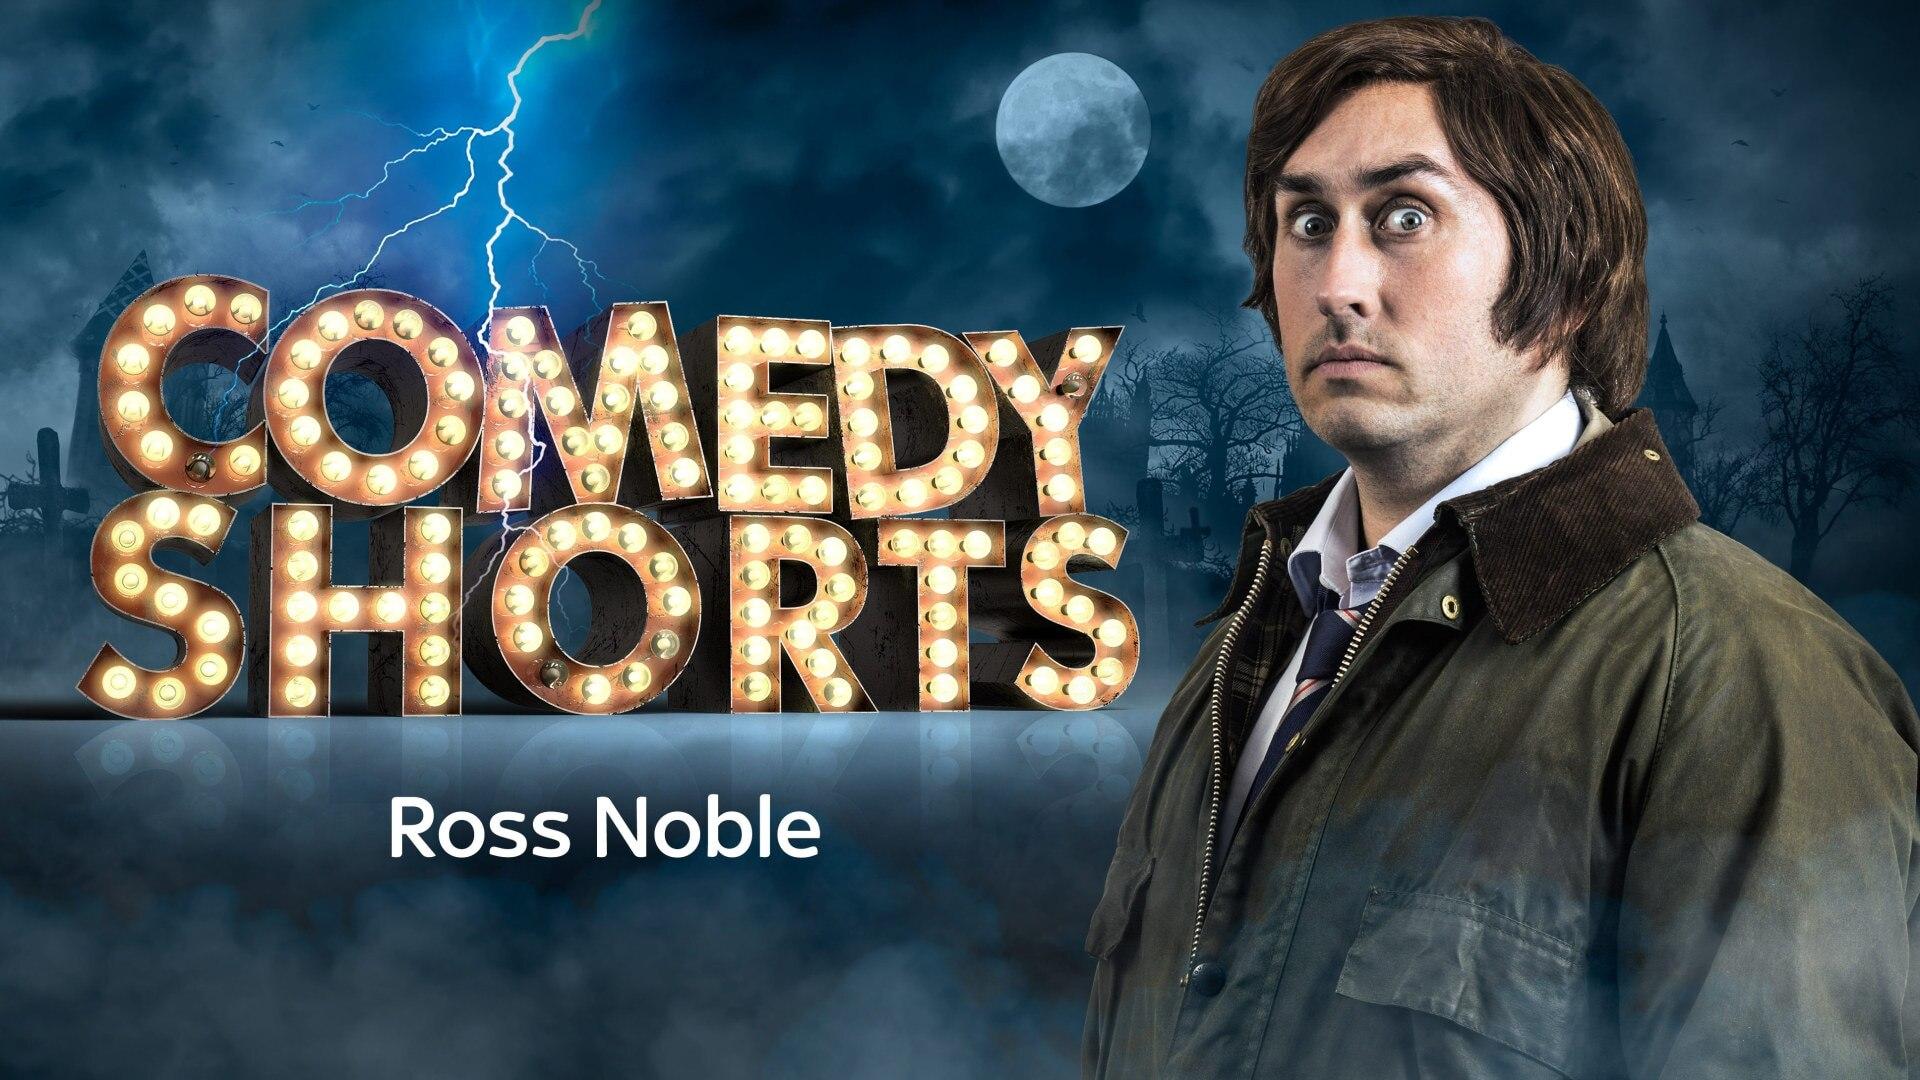 Ross Noble's Horror